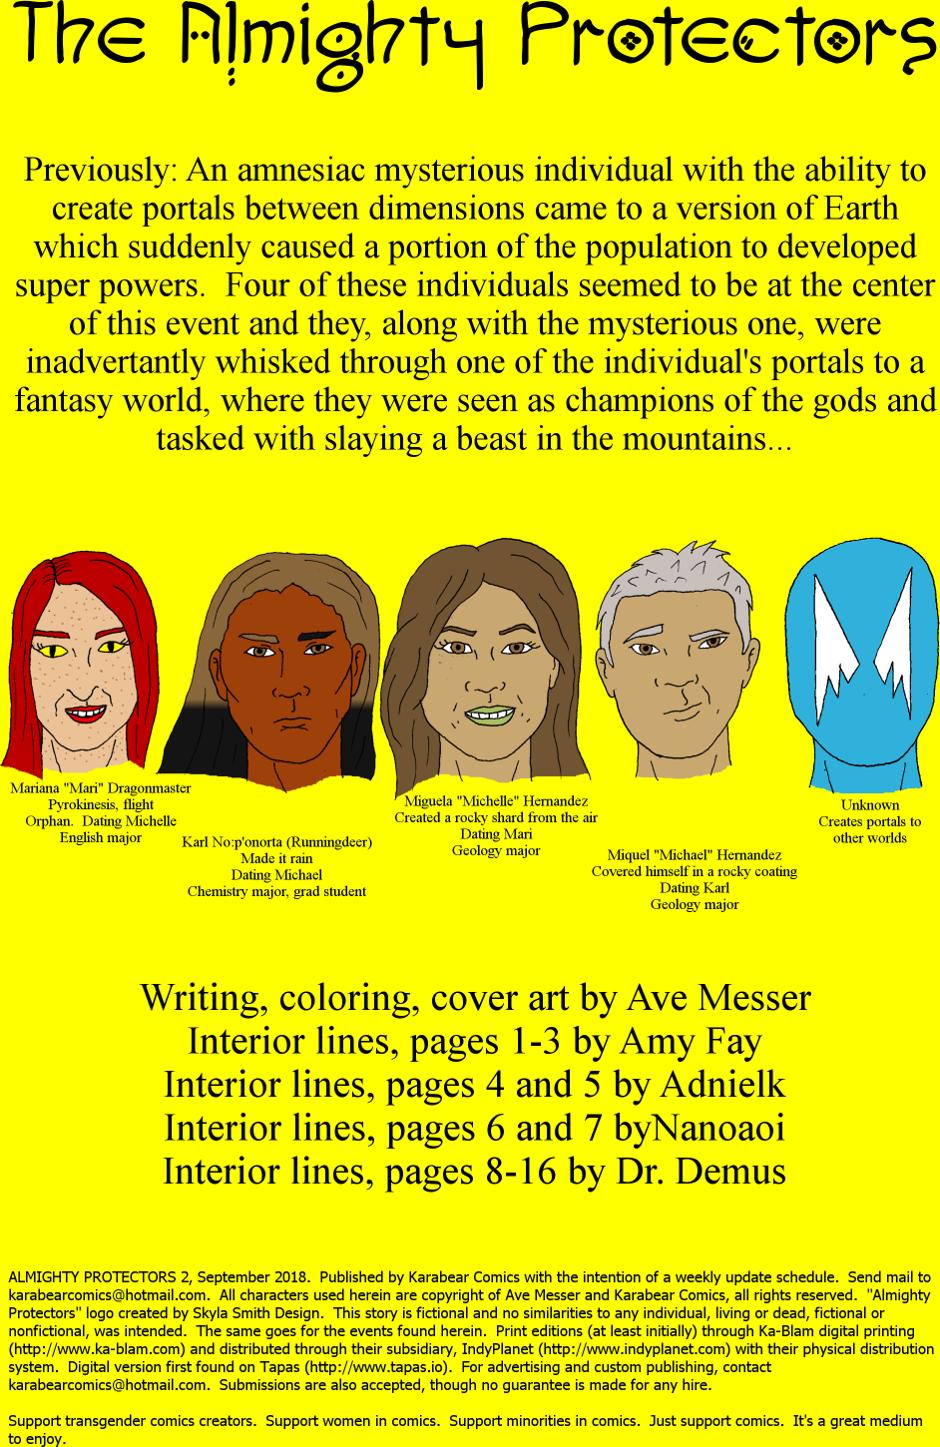 Issue 2: The Fair Folk - Inside cover